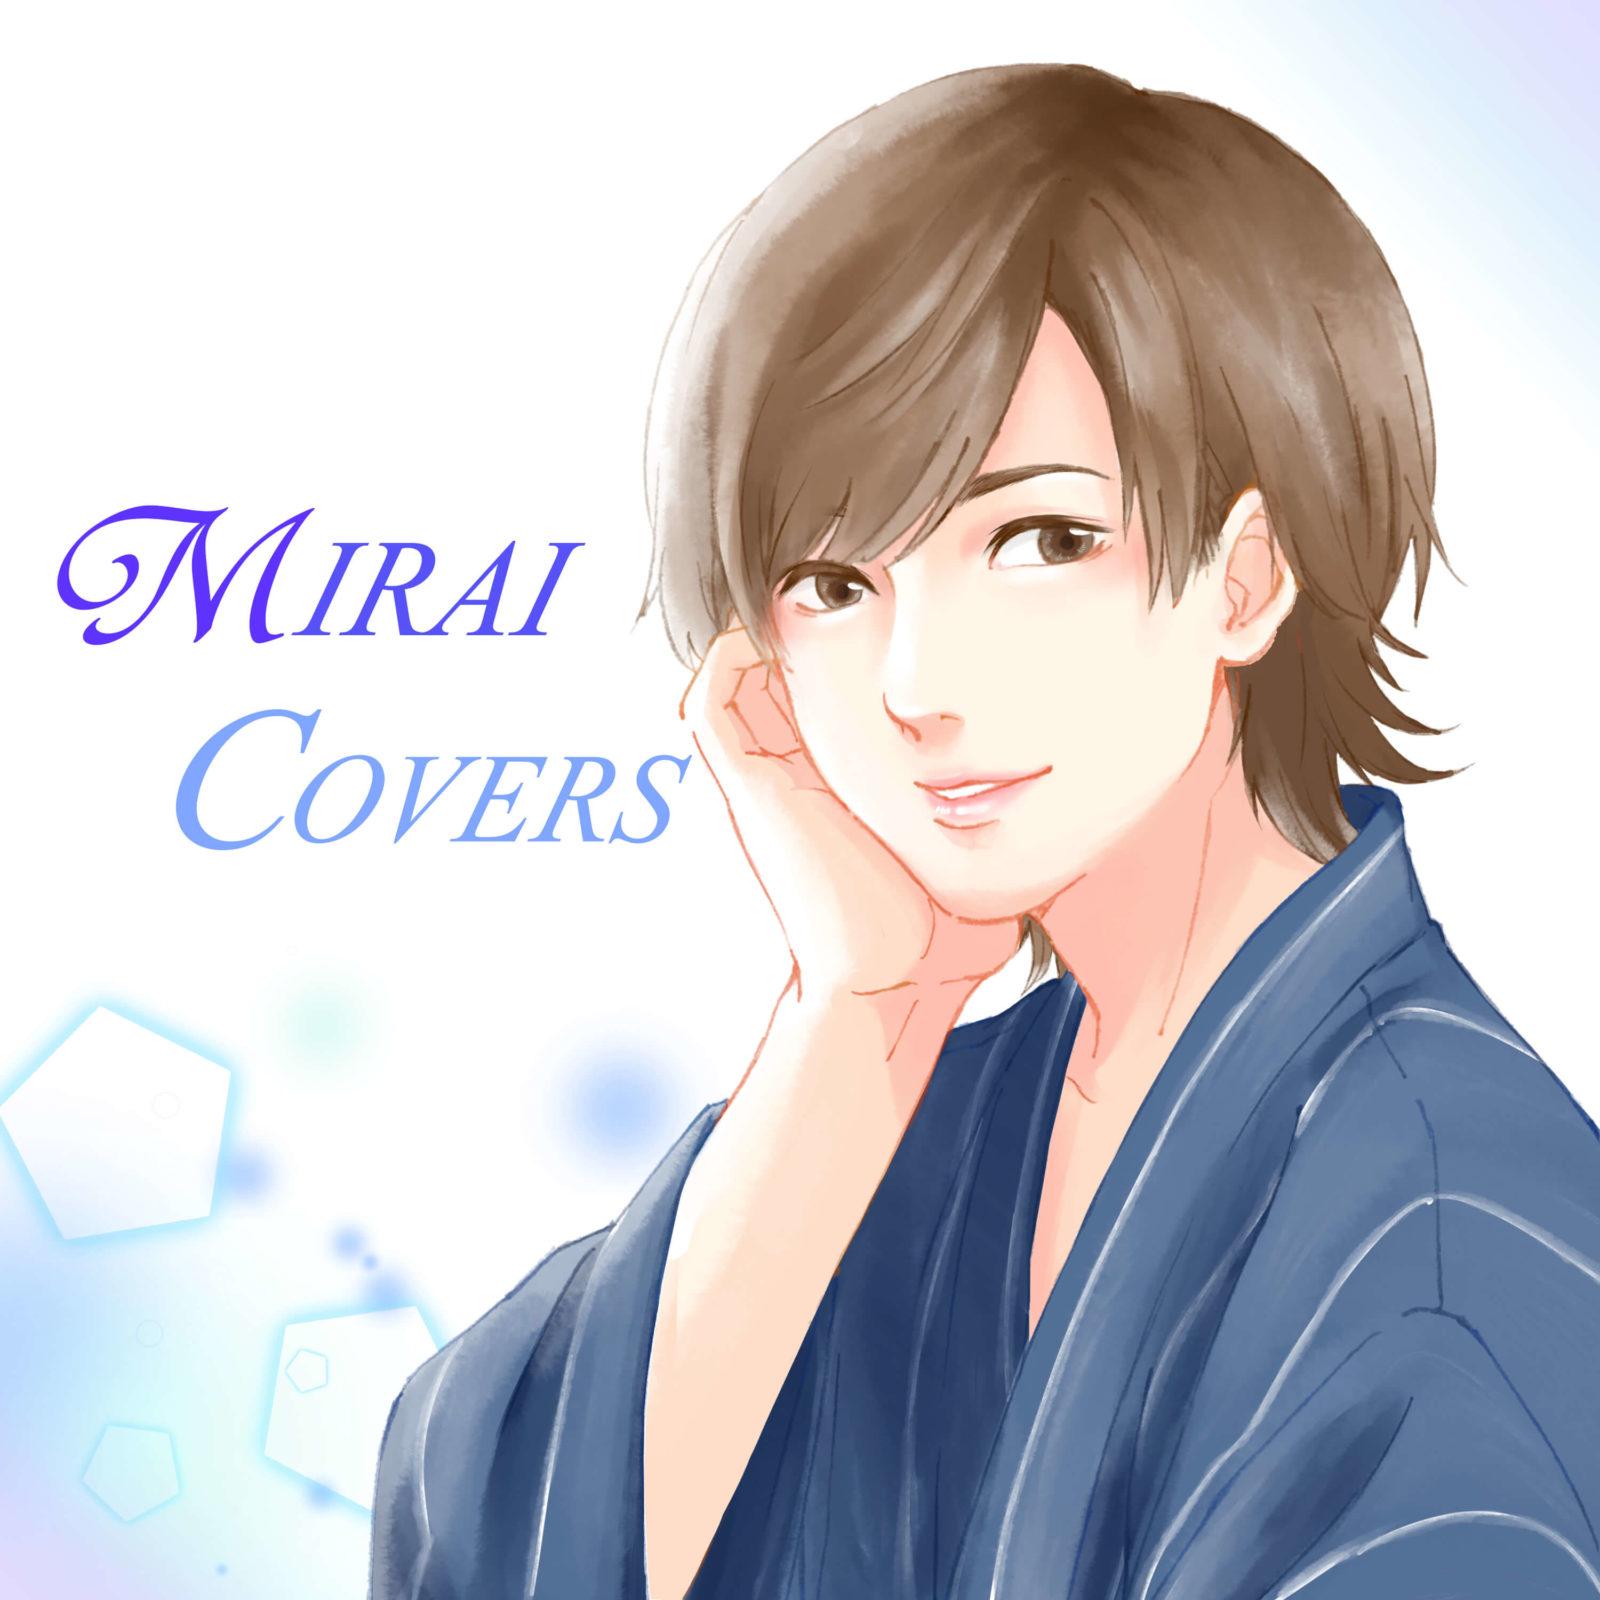 """人気音楽YouTuber・Kobasoloと""""イケボ""""未来(ザ・フーパーズ)の強力タッグが1stEP「MIRAI COVERS」を語るサムネイル画像"""